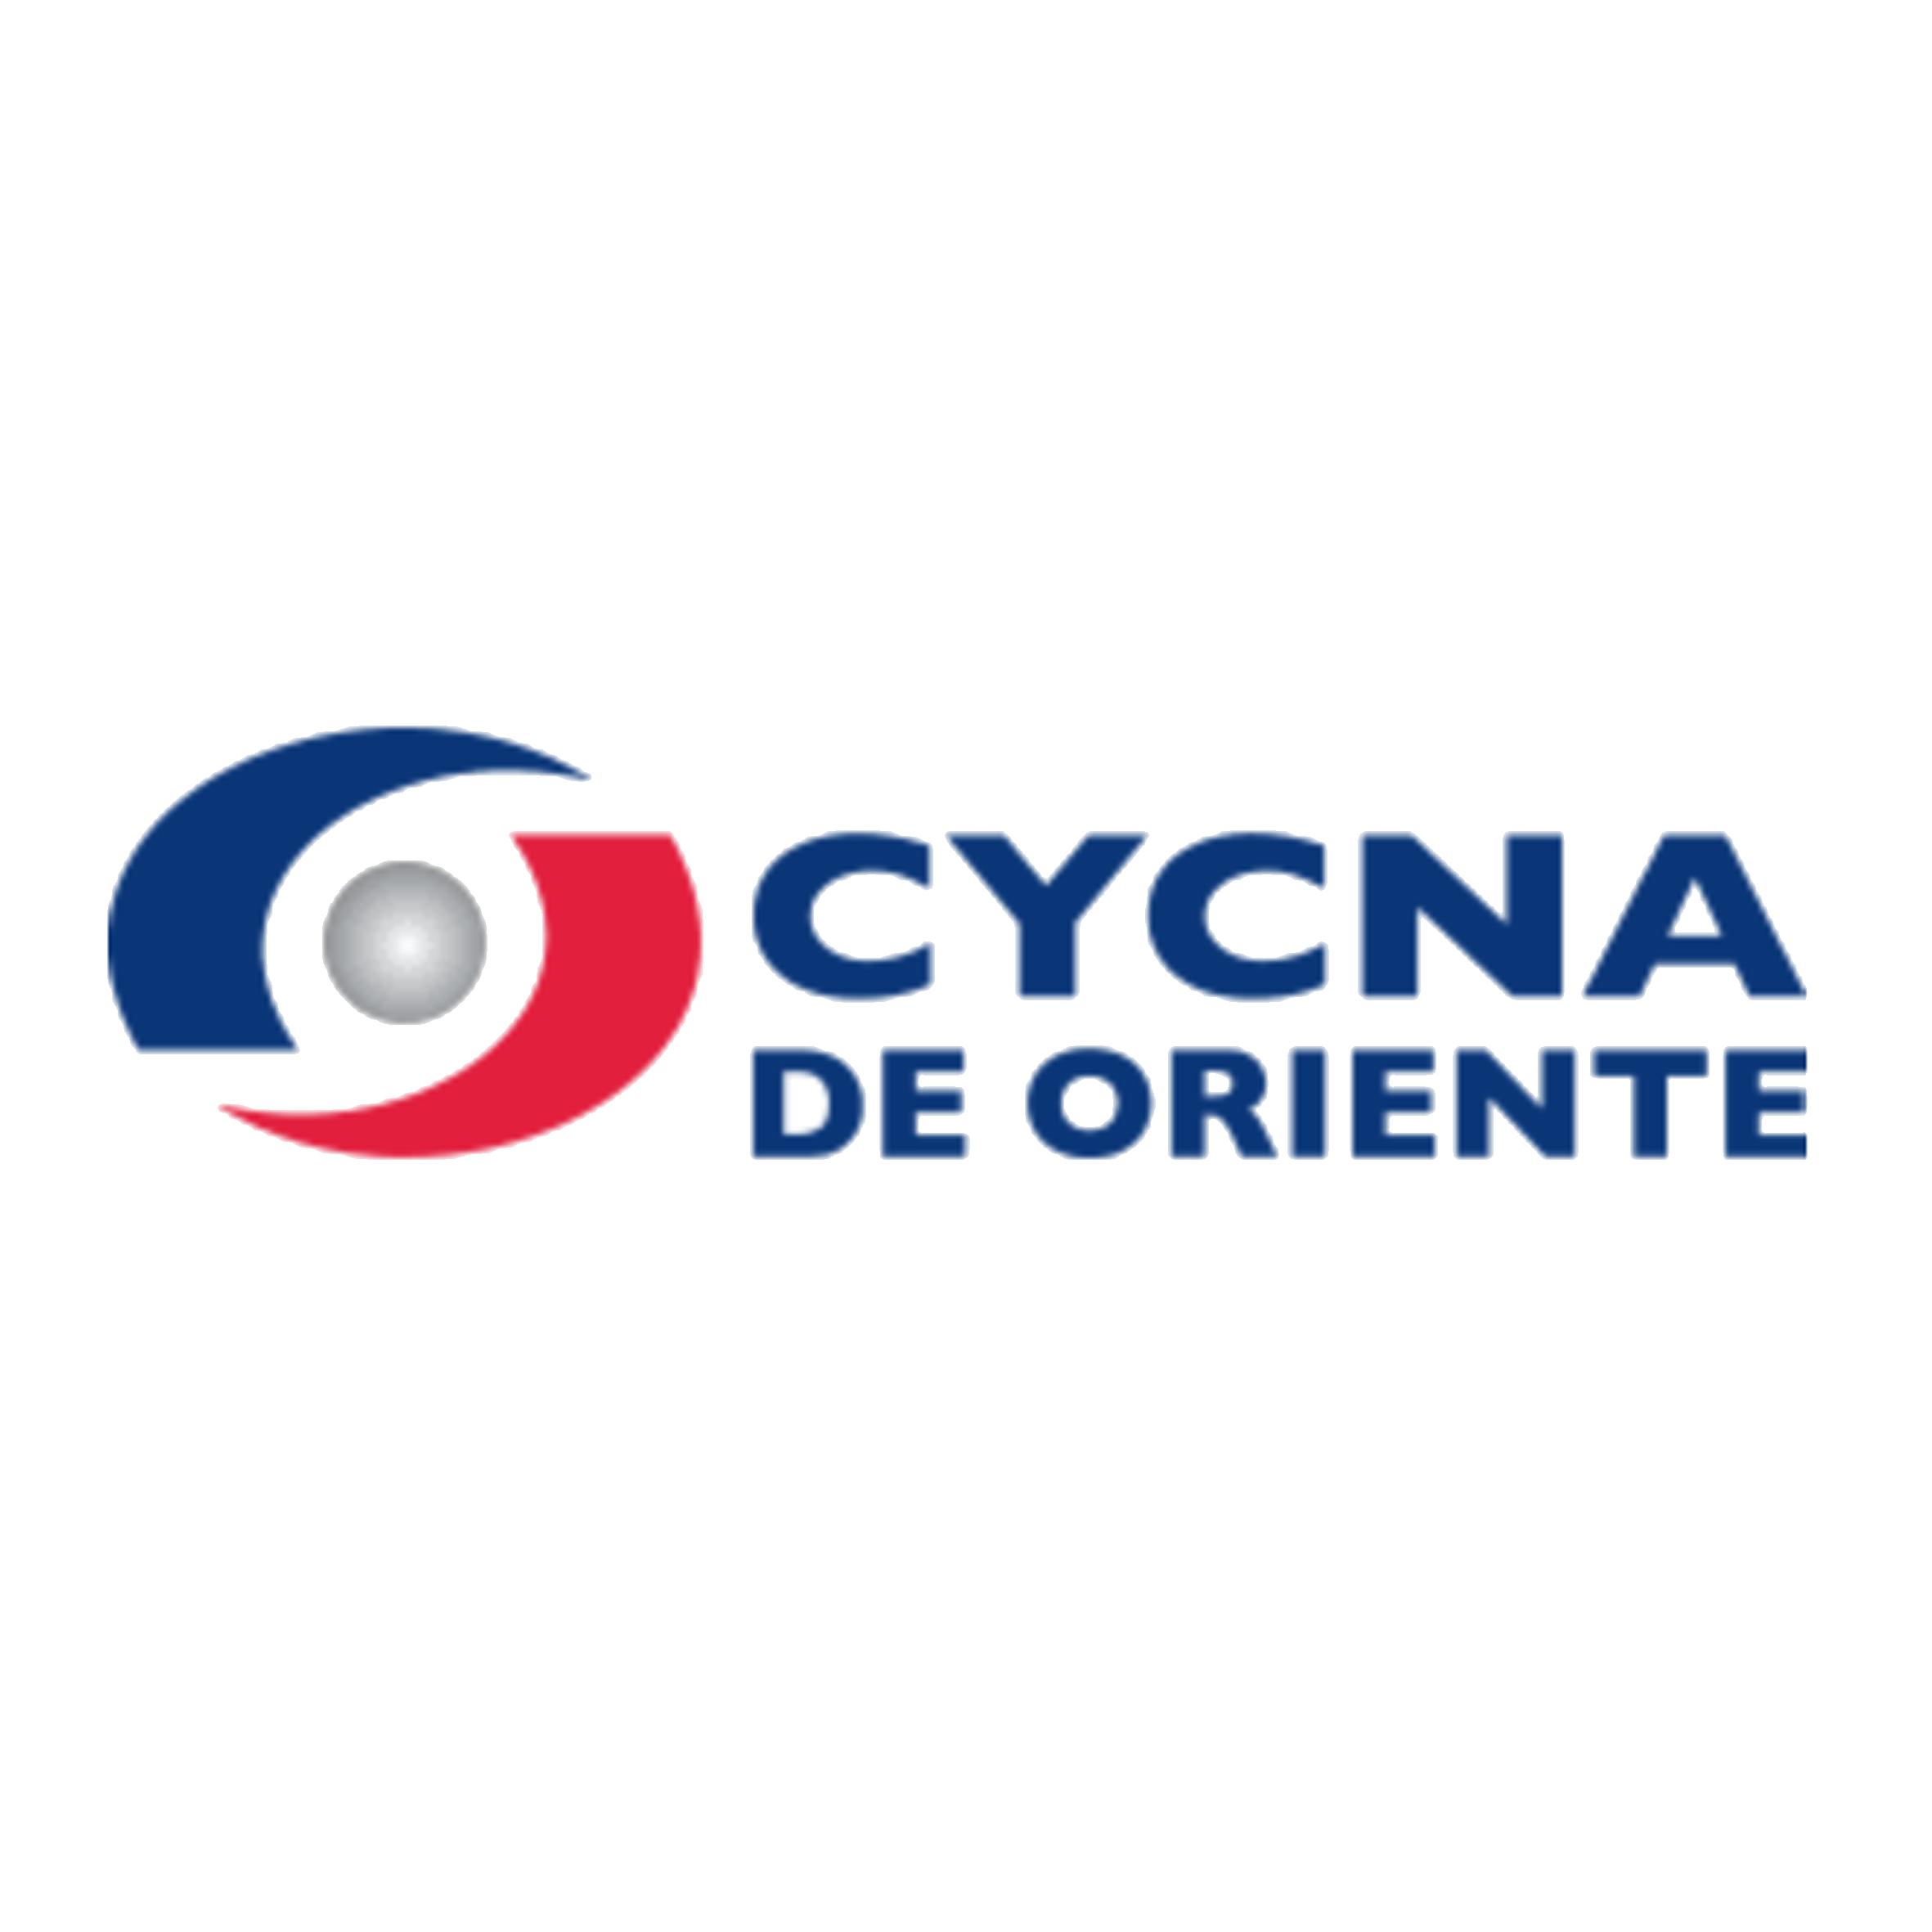 CYCNA de Oriente